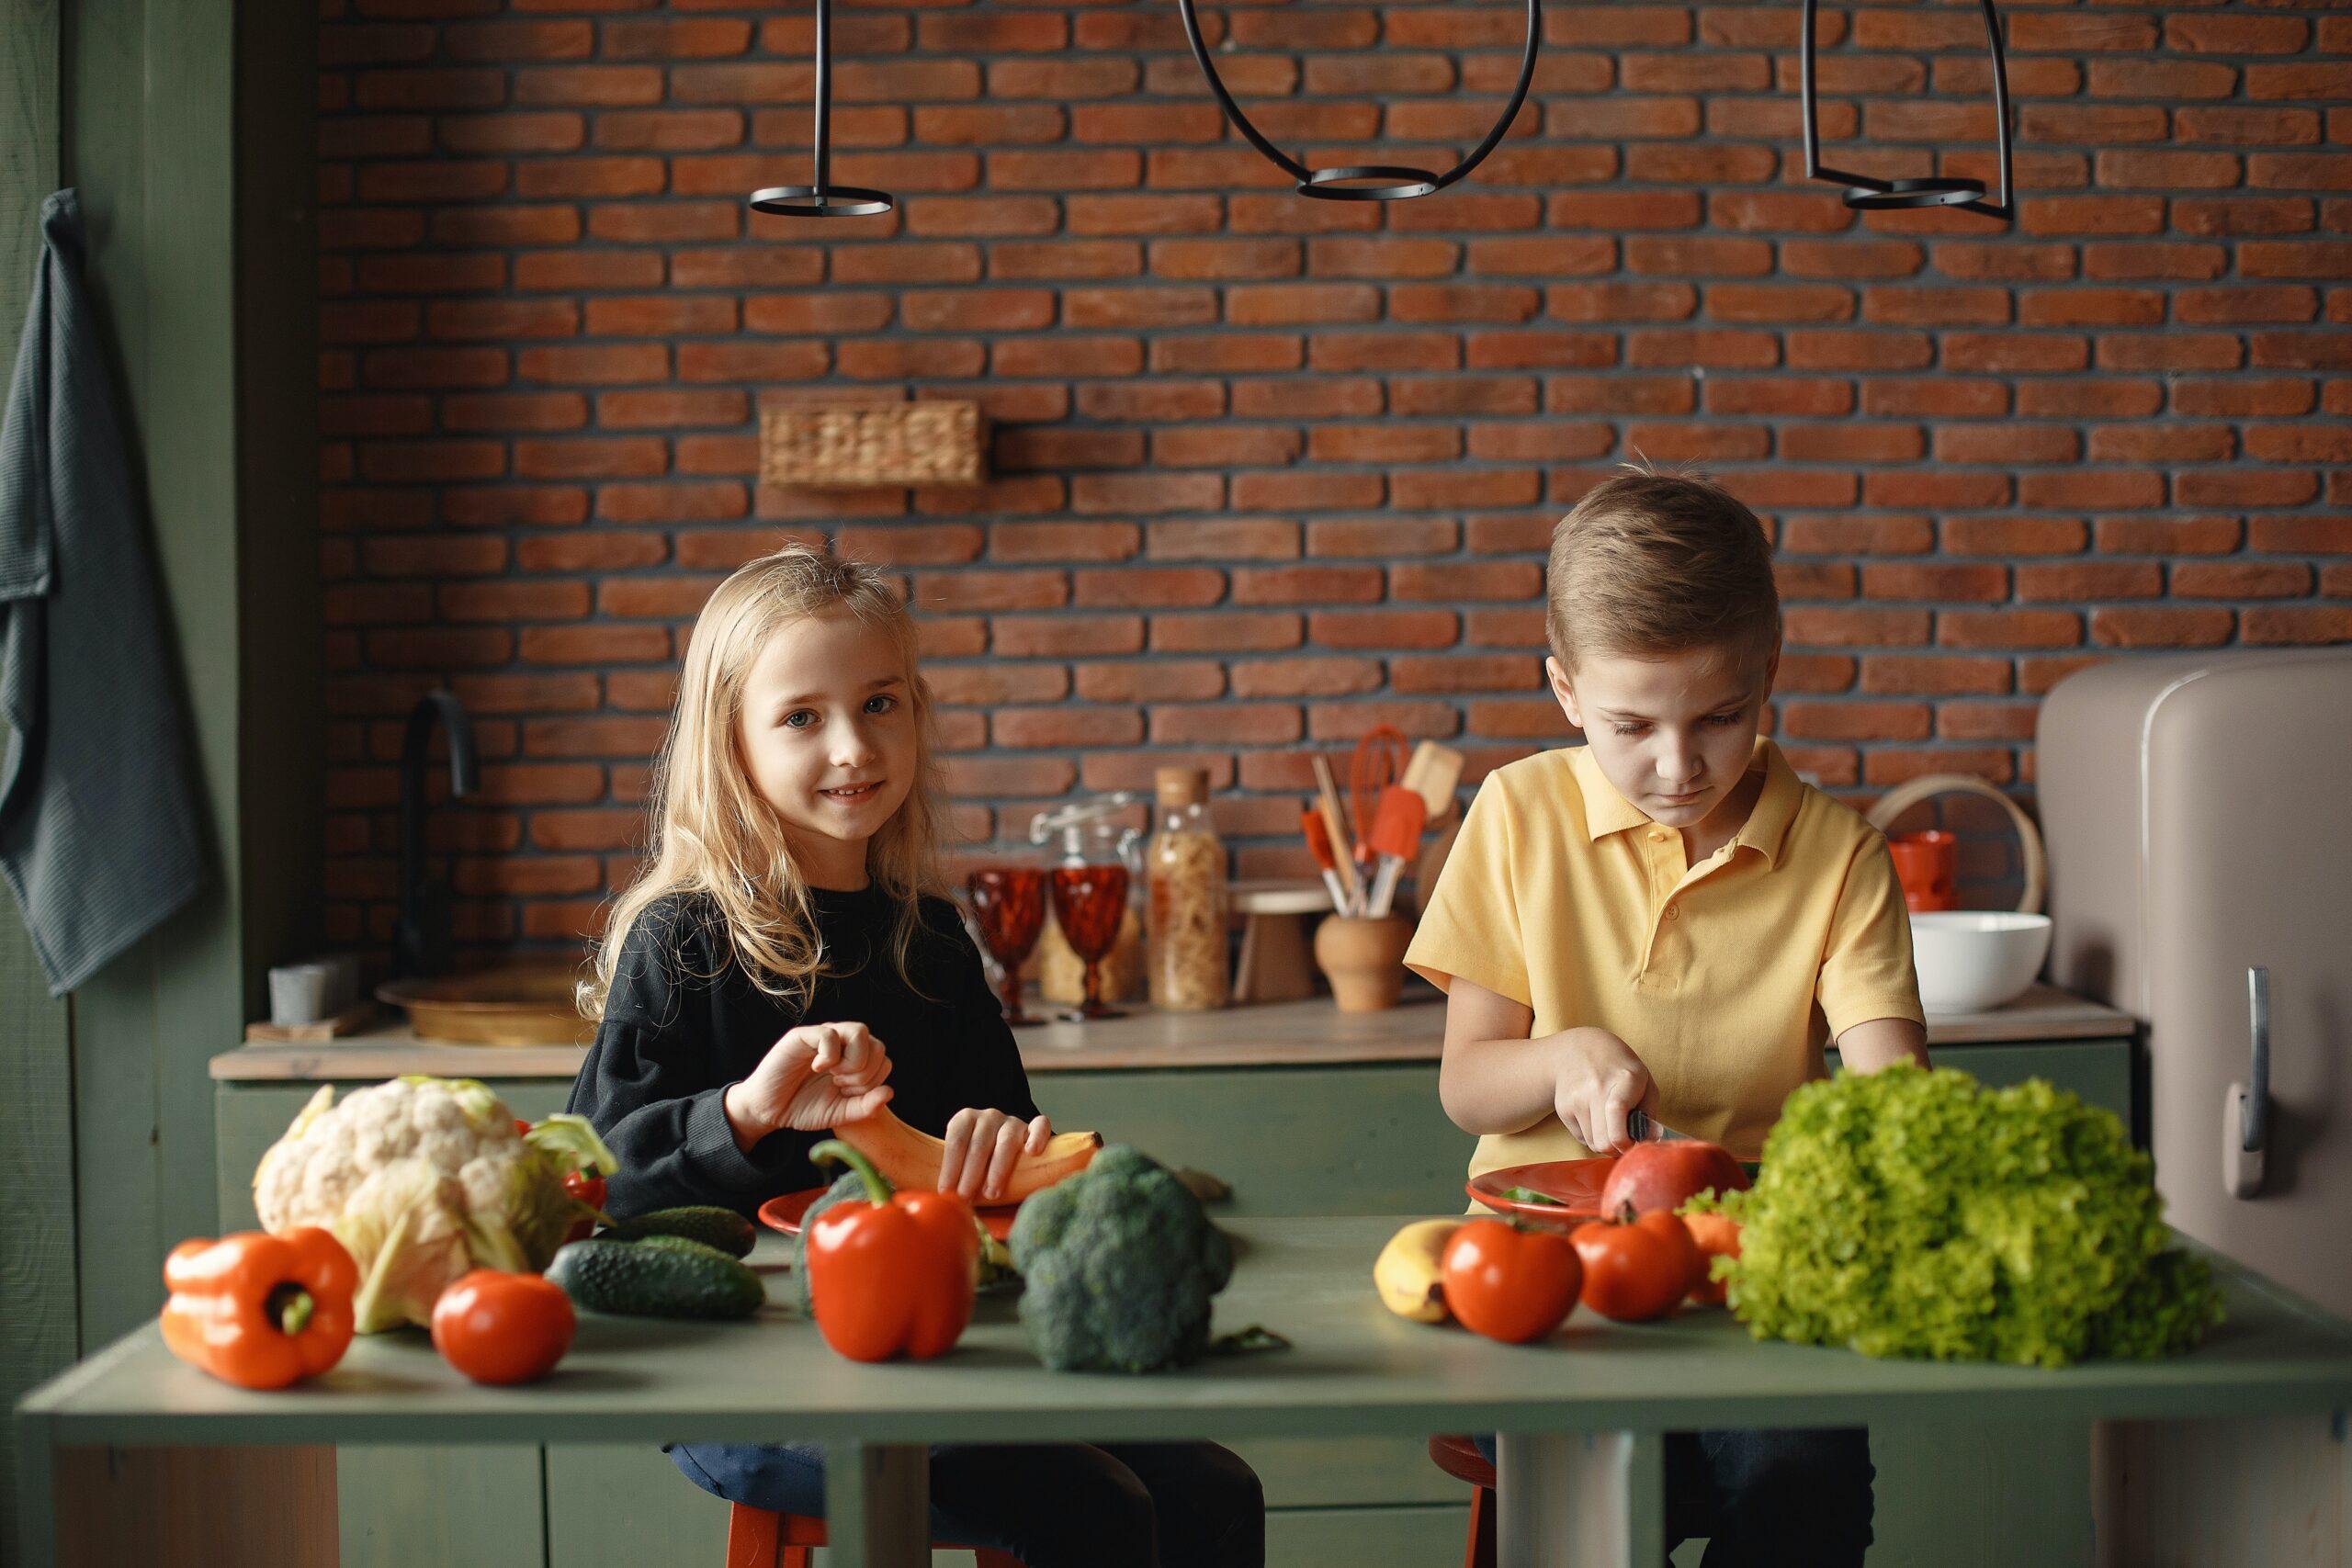 children-in-the-kitchen-slicing-vegetables-3984722